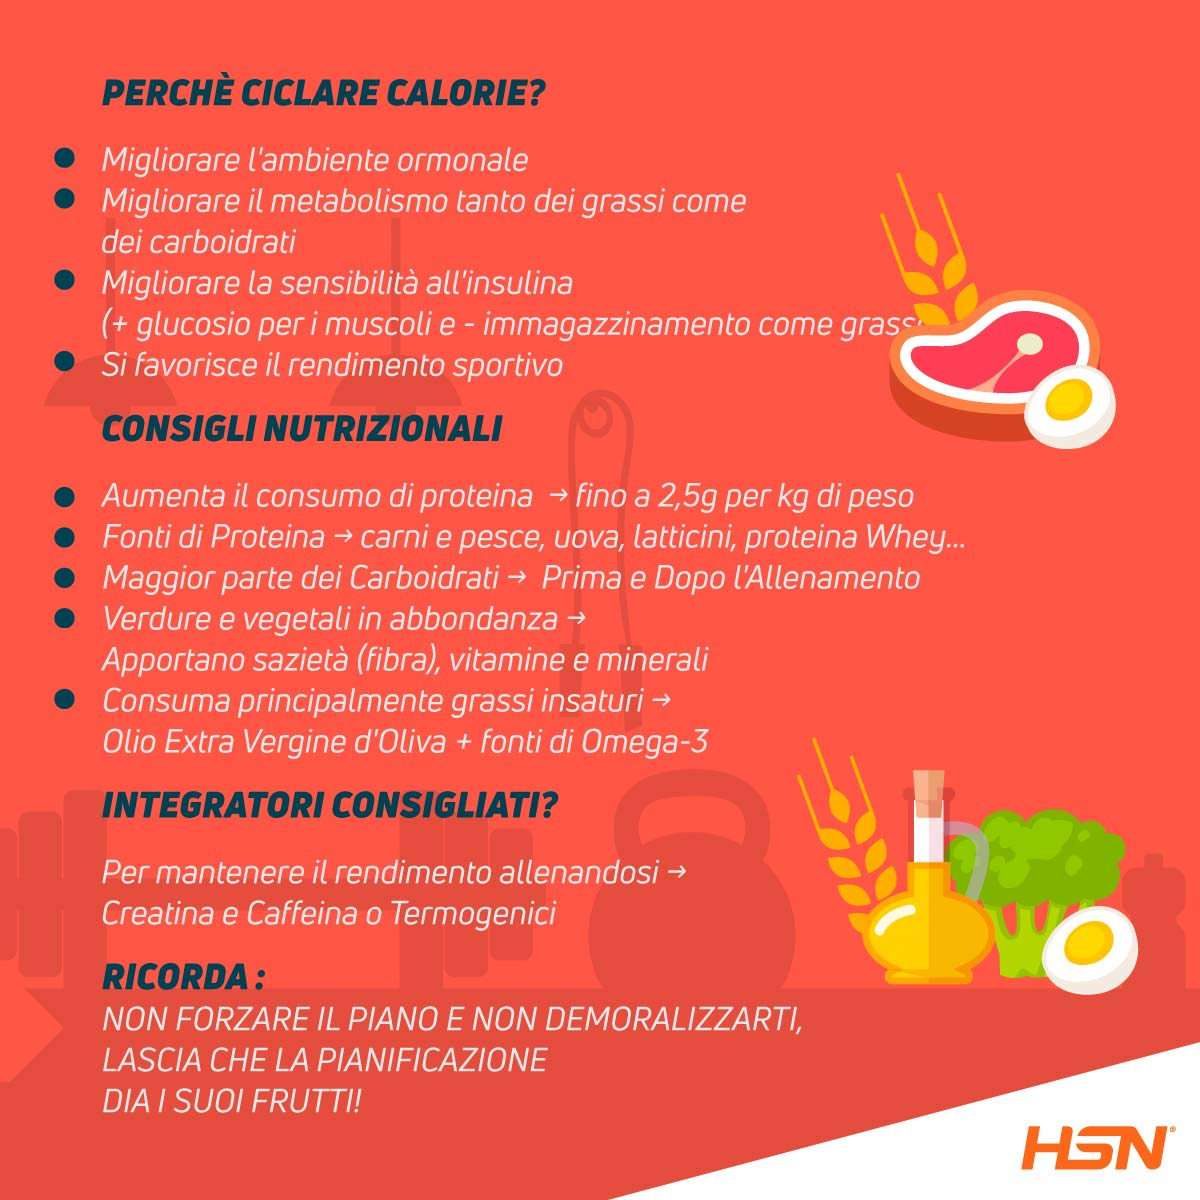 Consigli nutrizionali per la definizione